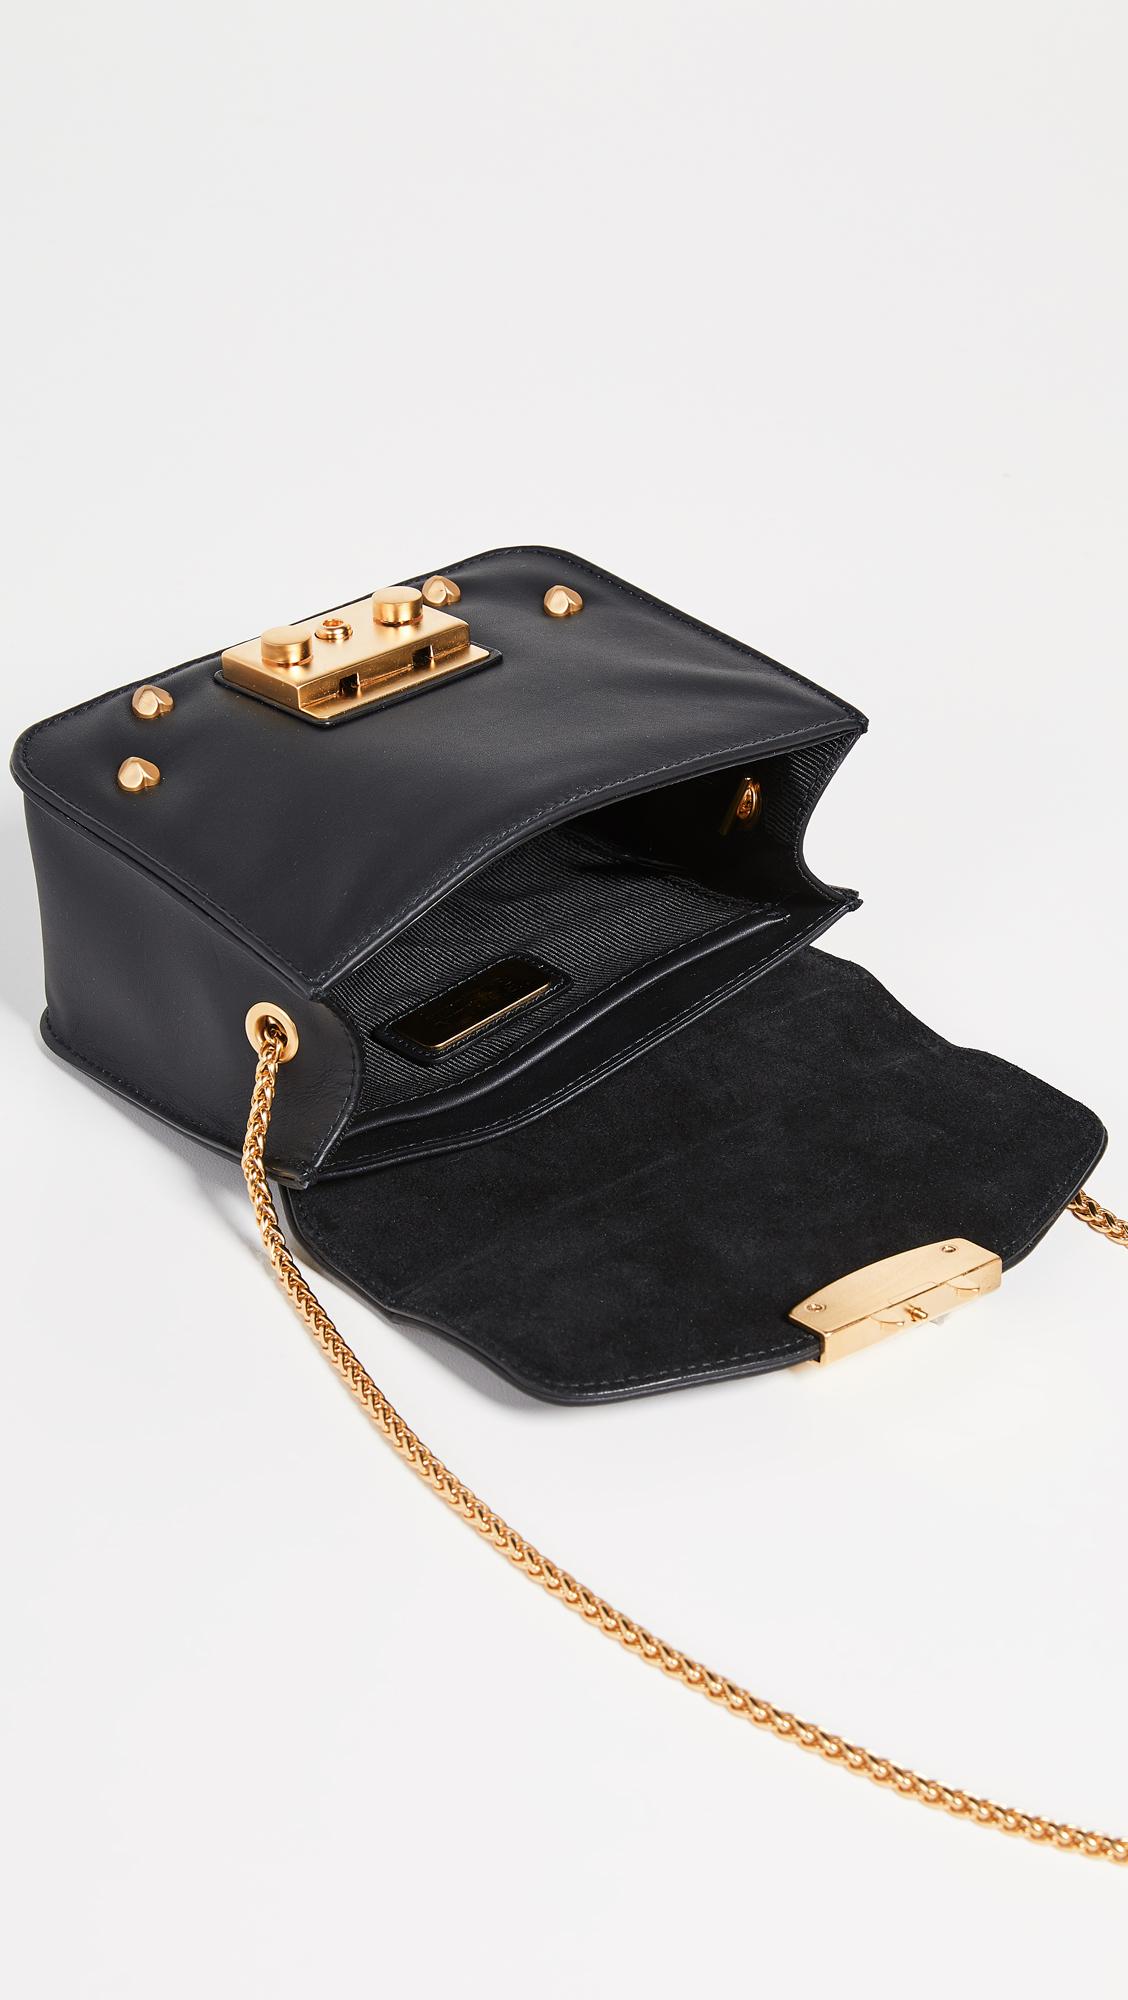 fc43f90b10bd Furla Metropolis Amoris Mini Crossbody Bag